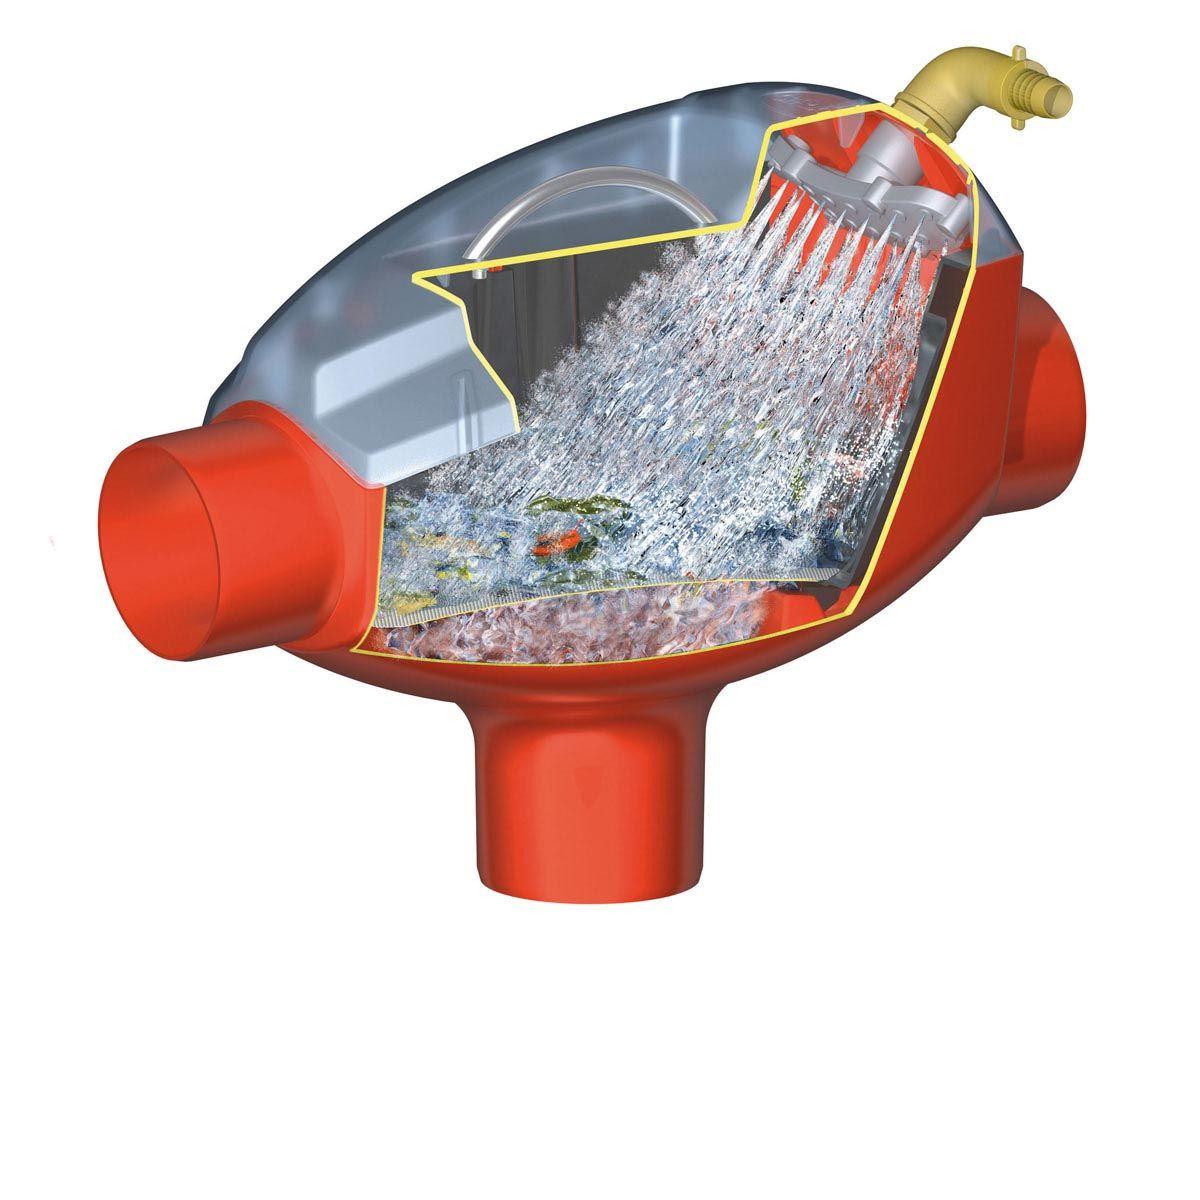 Filter Minimax-Pro, Intern, 500 x 270 x 365 mm